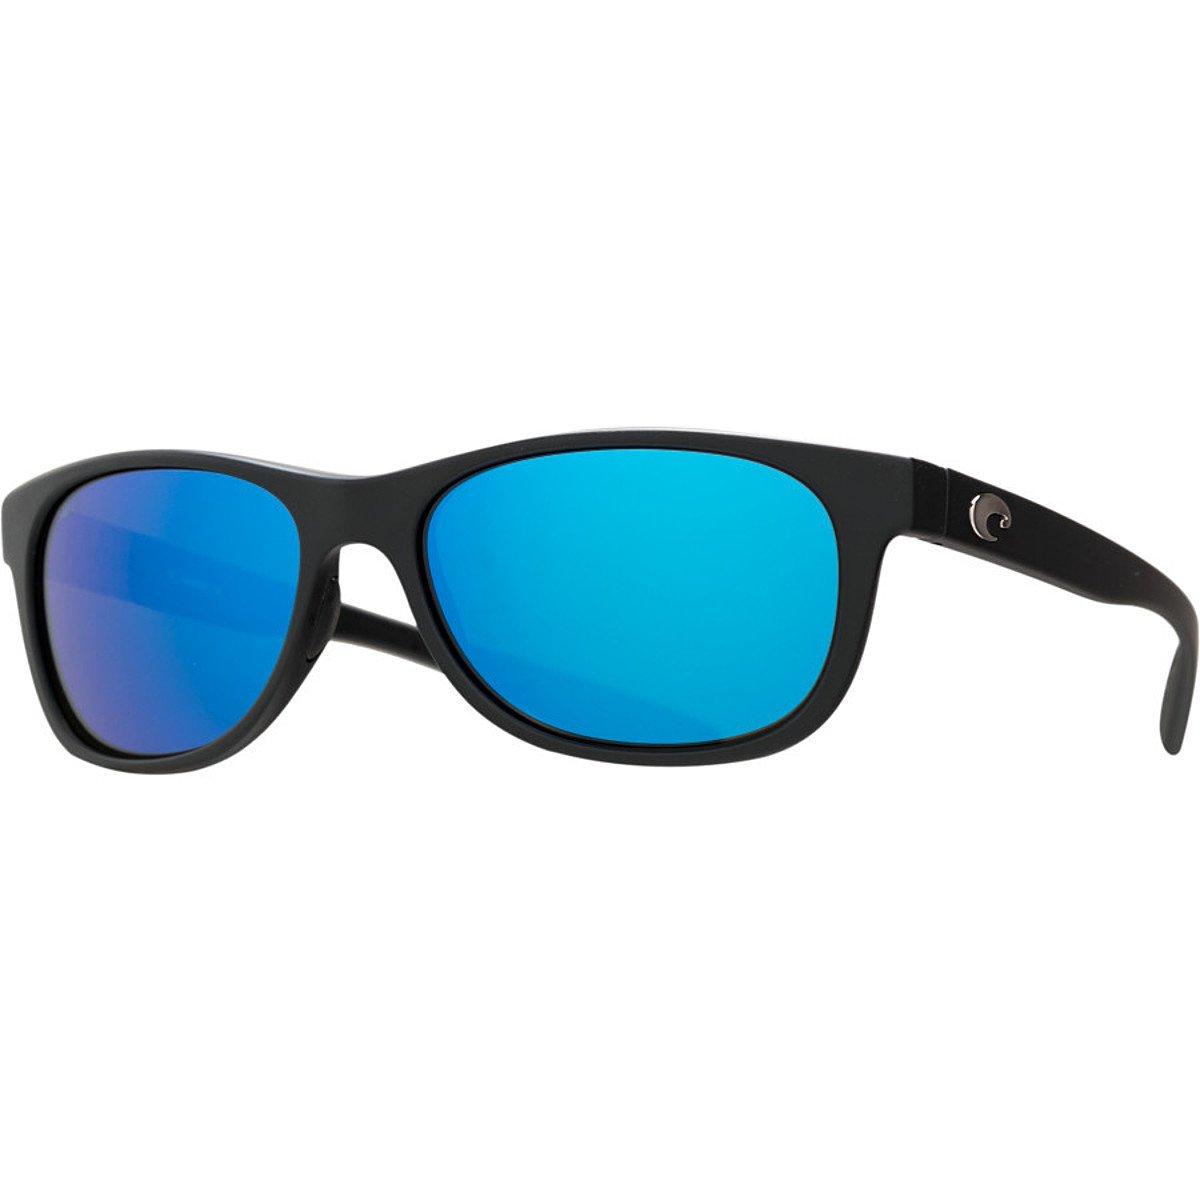 b4081a210d56 Amazon.com : Costa Del Mar Prop Sunglass, Black/Blue Mirror 580Glass :  Sports & Outdoors